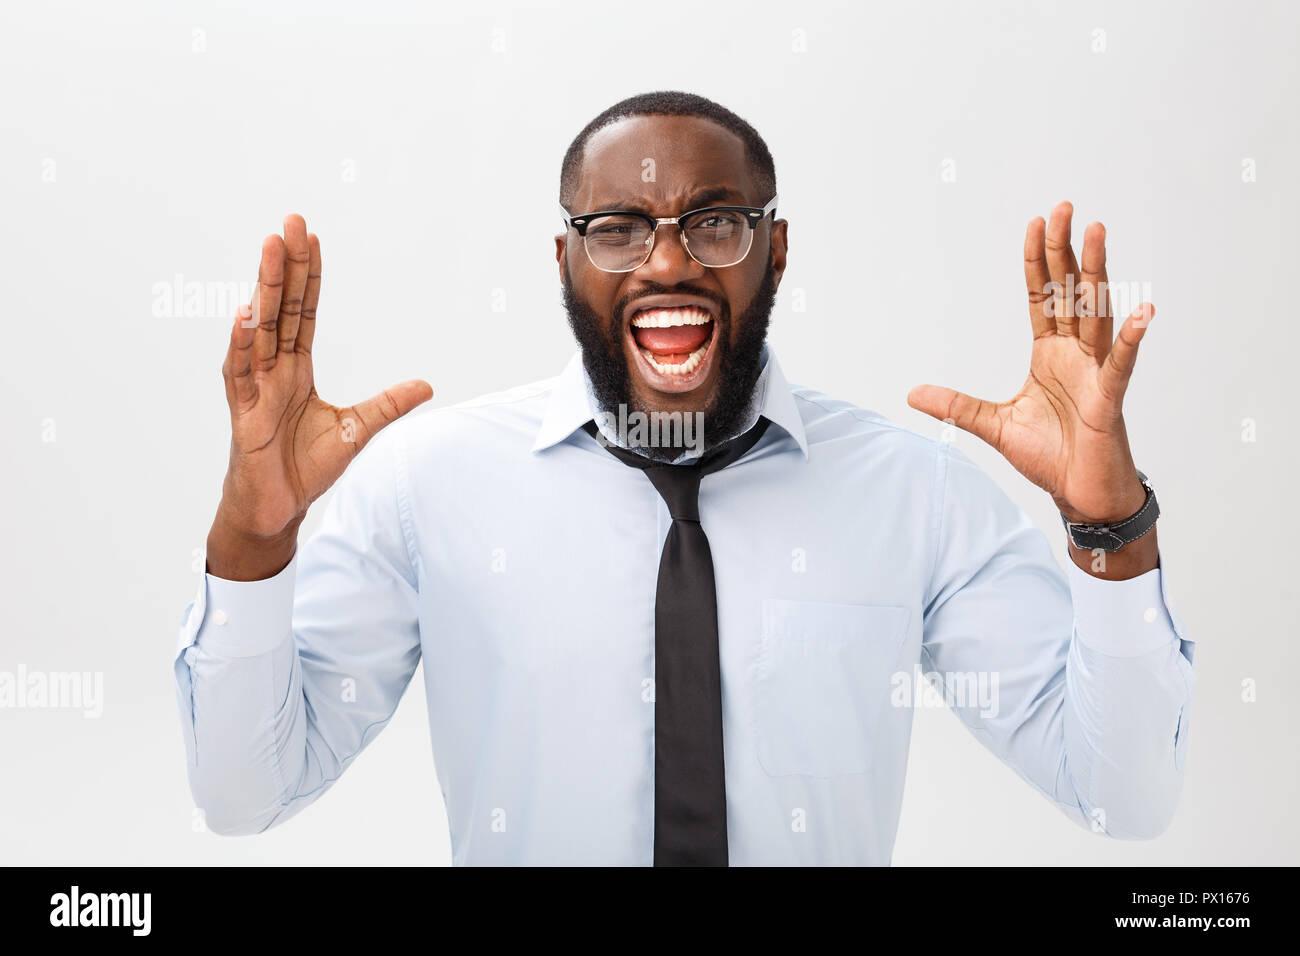 Portrait de desperate agacé mâle noir hurlant de rage et de colère déchirant ses cheveux tout en se sentant furieux et fou de quelque chose. Visage humain négatif expressions, émotions et sentiments. Banque D'Images